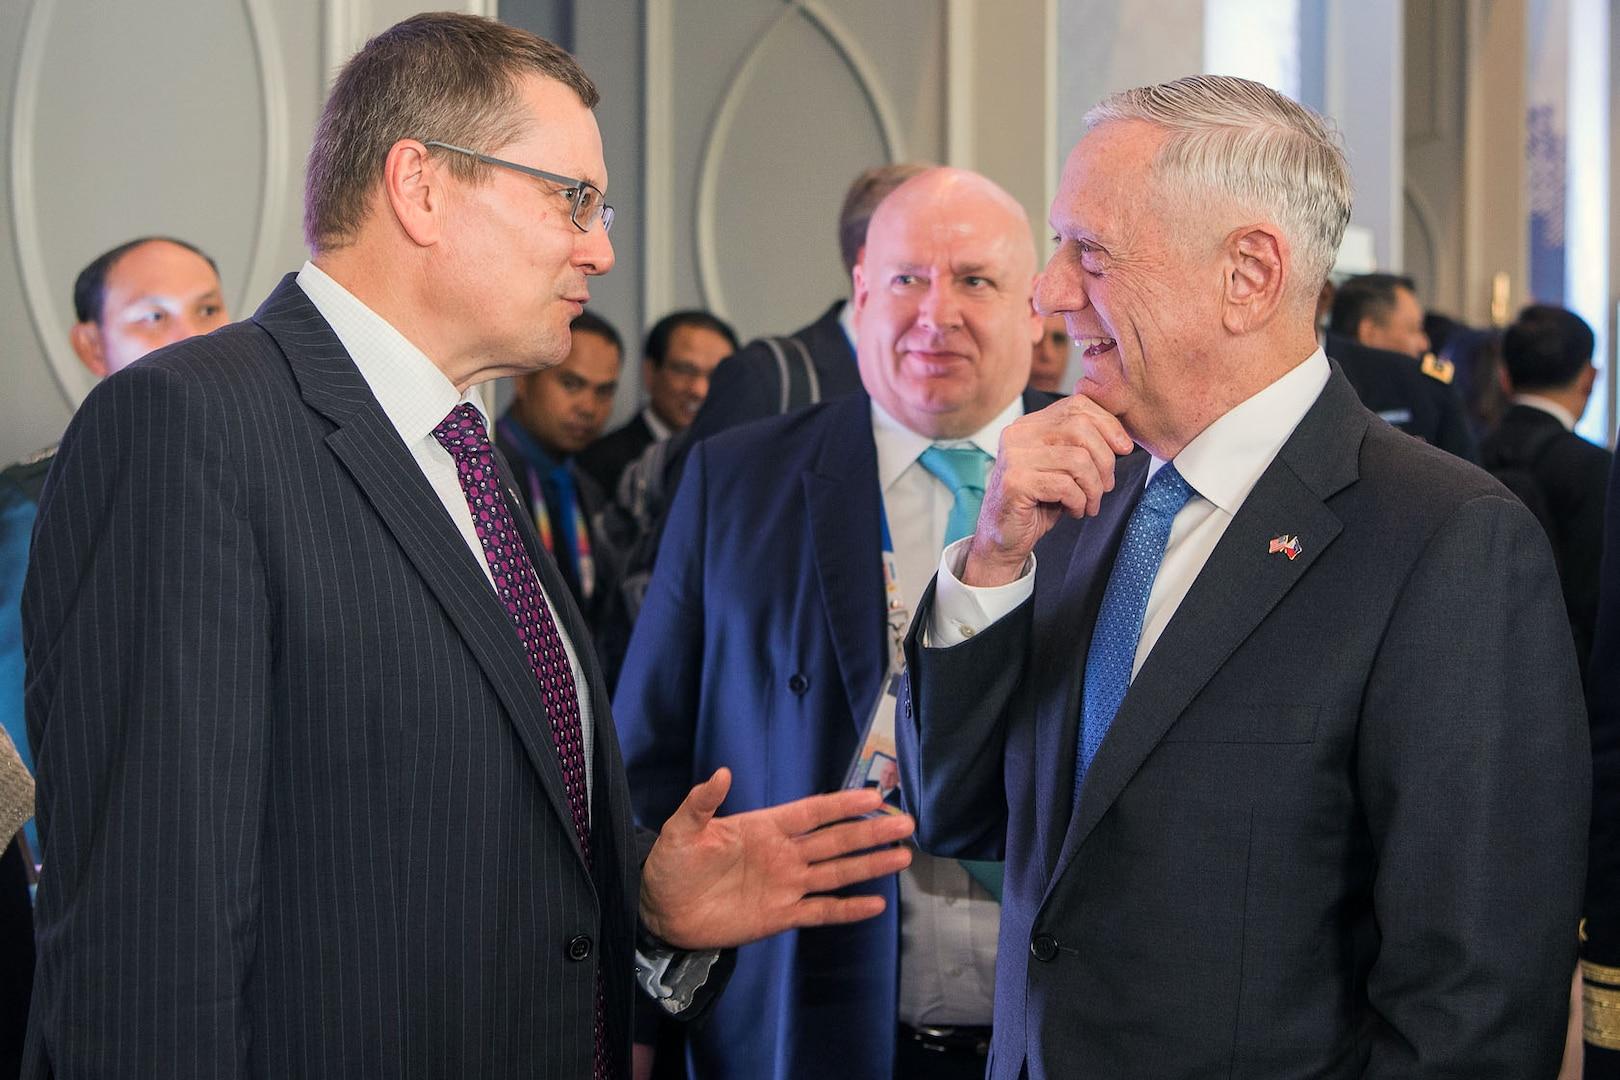 Defense leaders speak at ASEAN.